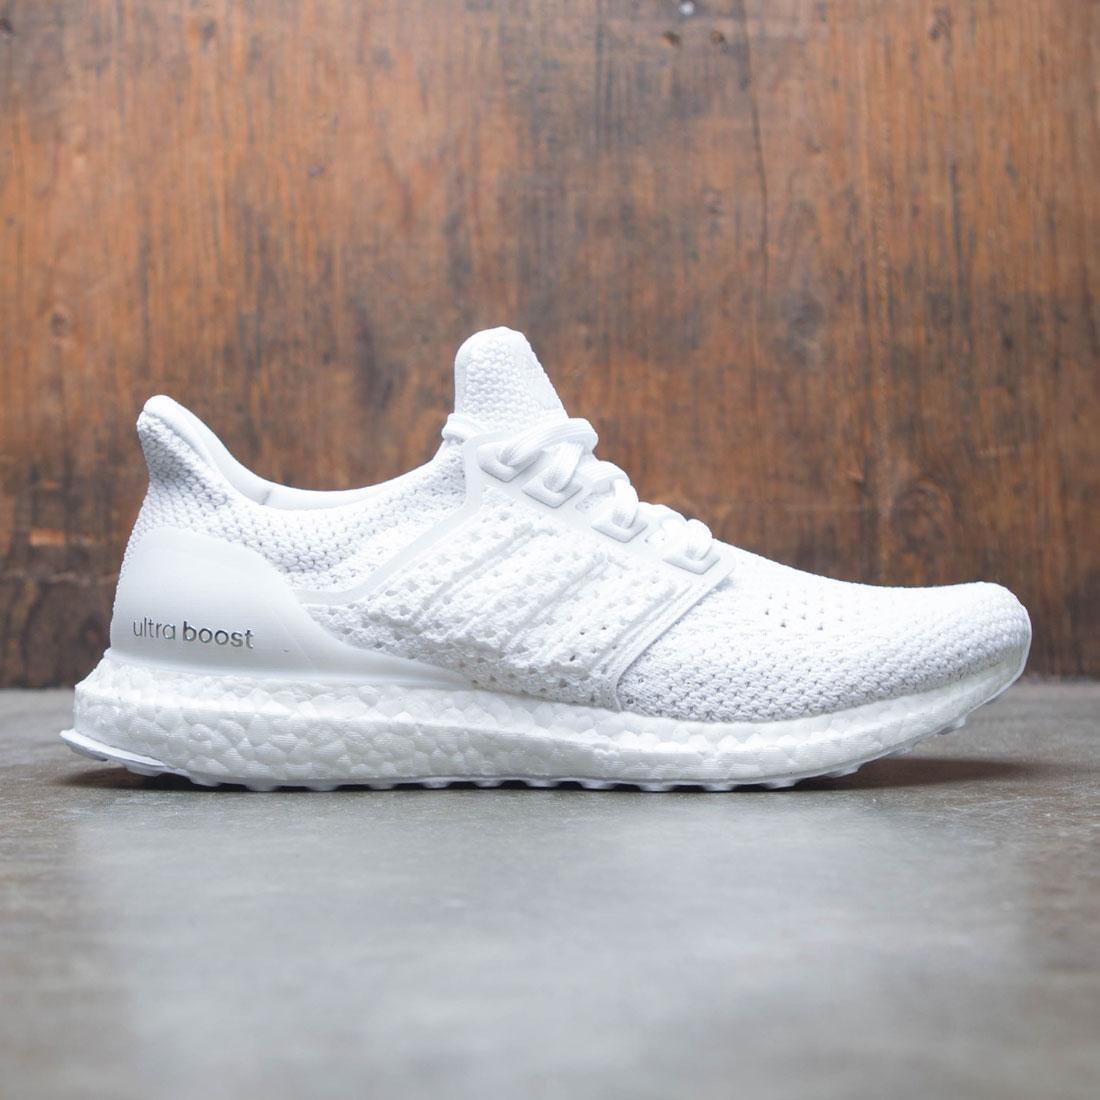 【海外限定】アディダス クライマ 白 ホワイト スニーカー メンズ靴 【 ADIDAS WHITE MEN ULTRABOOST CLIMA FOOTWEAR CLEAR BROWN 】